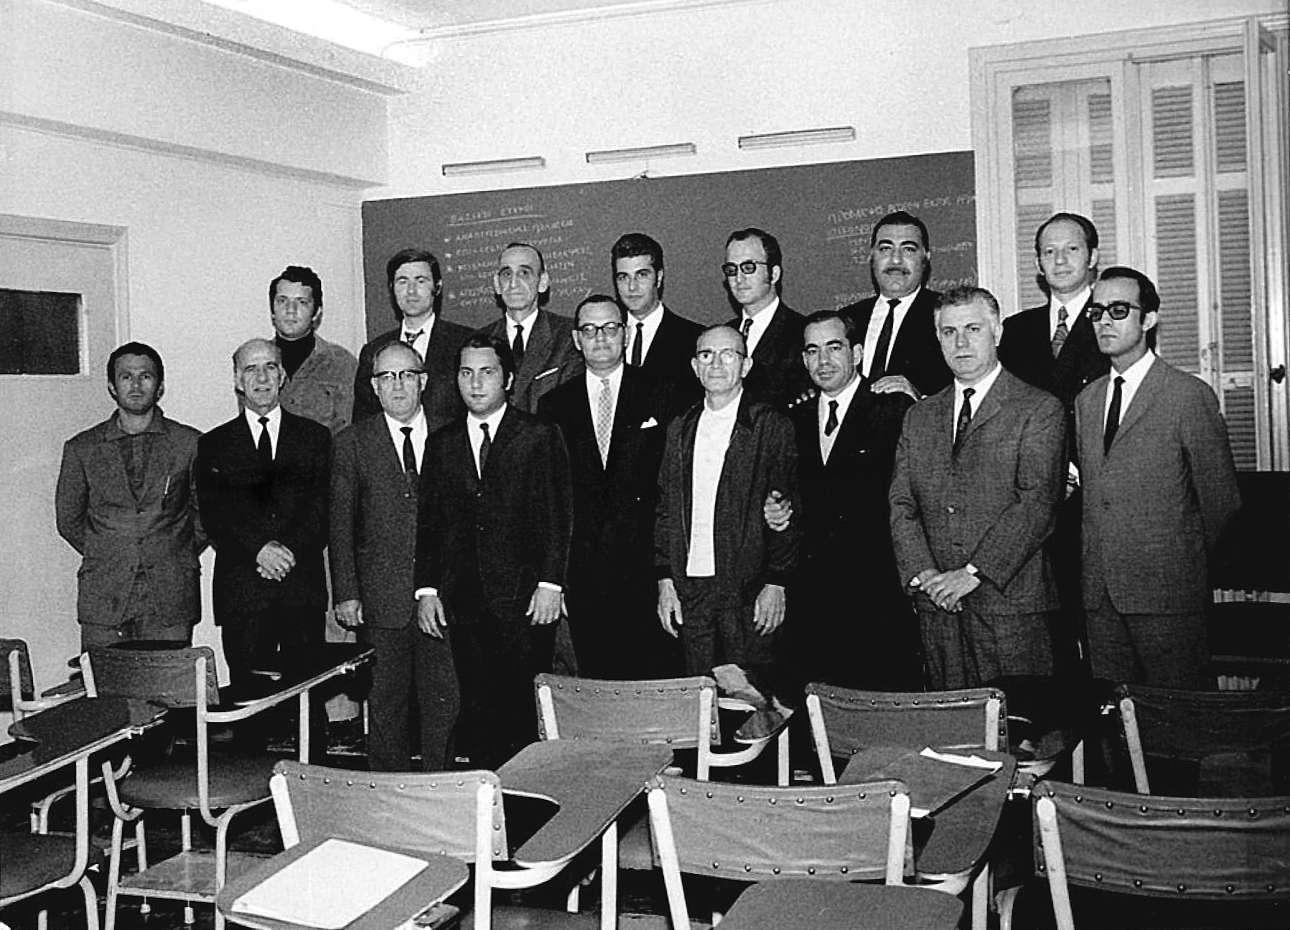 Επιμορφωτικό σεμινάριο για τα στελέχη της επιχείρησης, δεκαετία του 70. Πάνω, ο Παύλος Θανόπουλος (πρώτος) και ο Λευτέρης (τέταρτος)